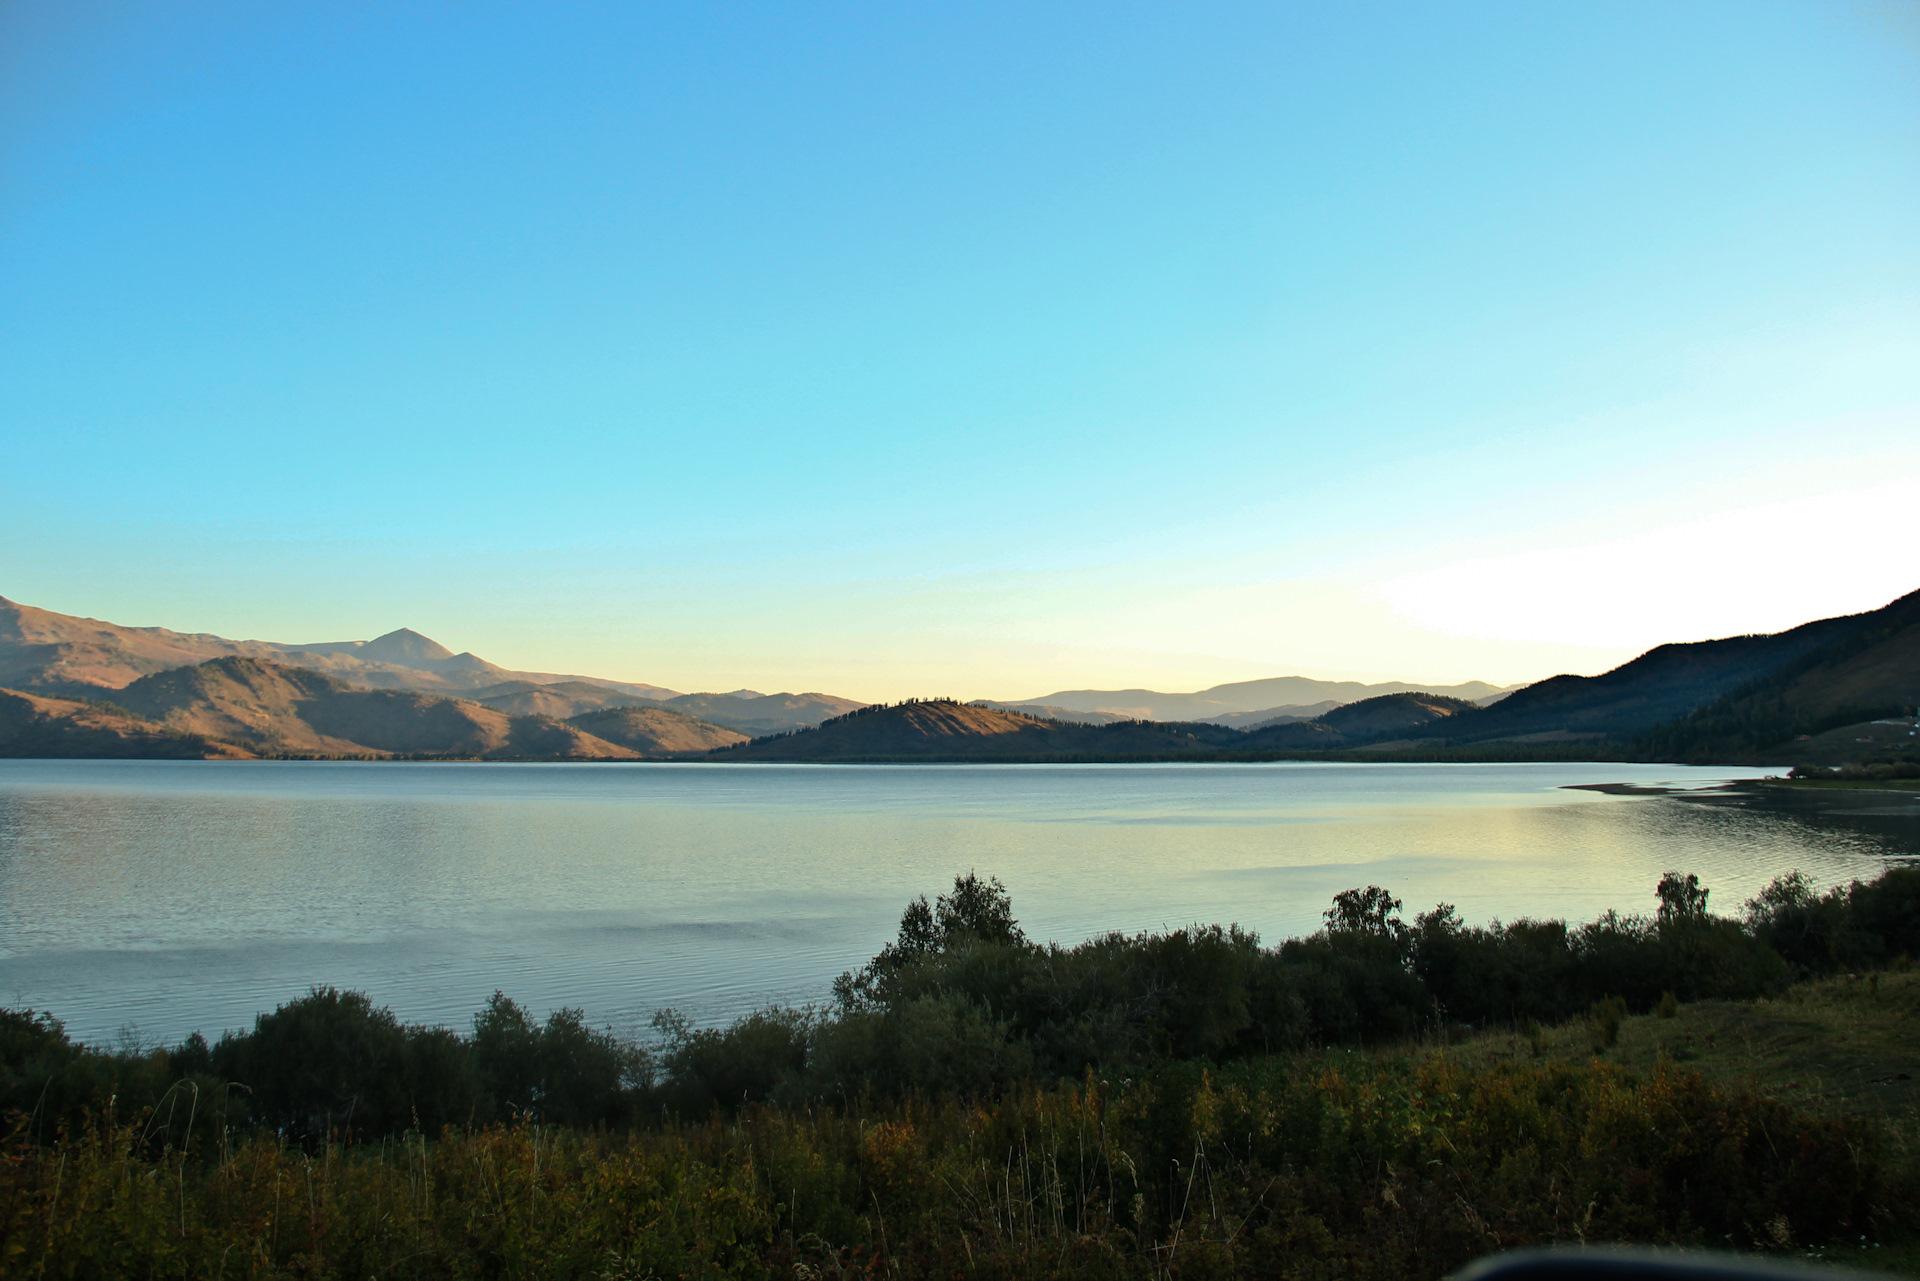 территориально расположен маркаколь озеро фото использовал это своё